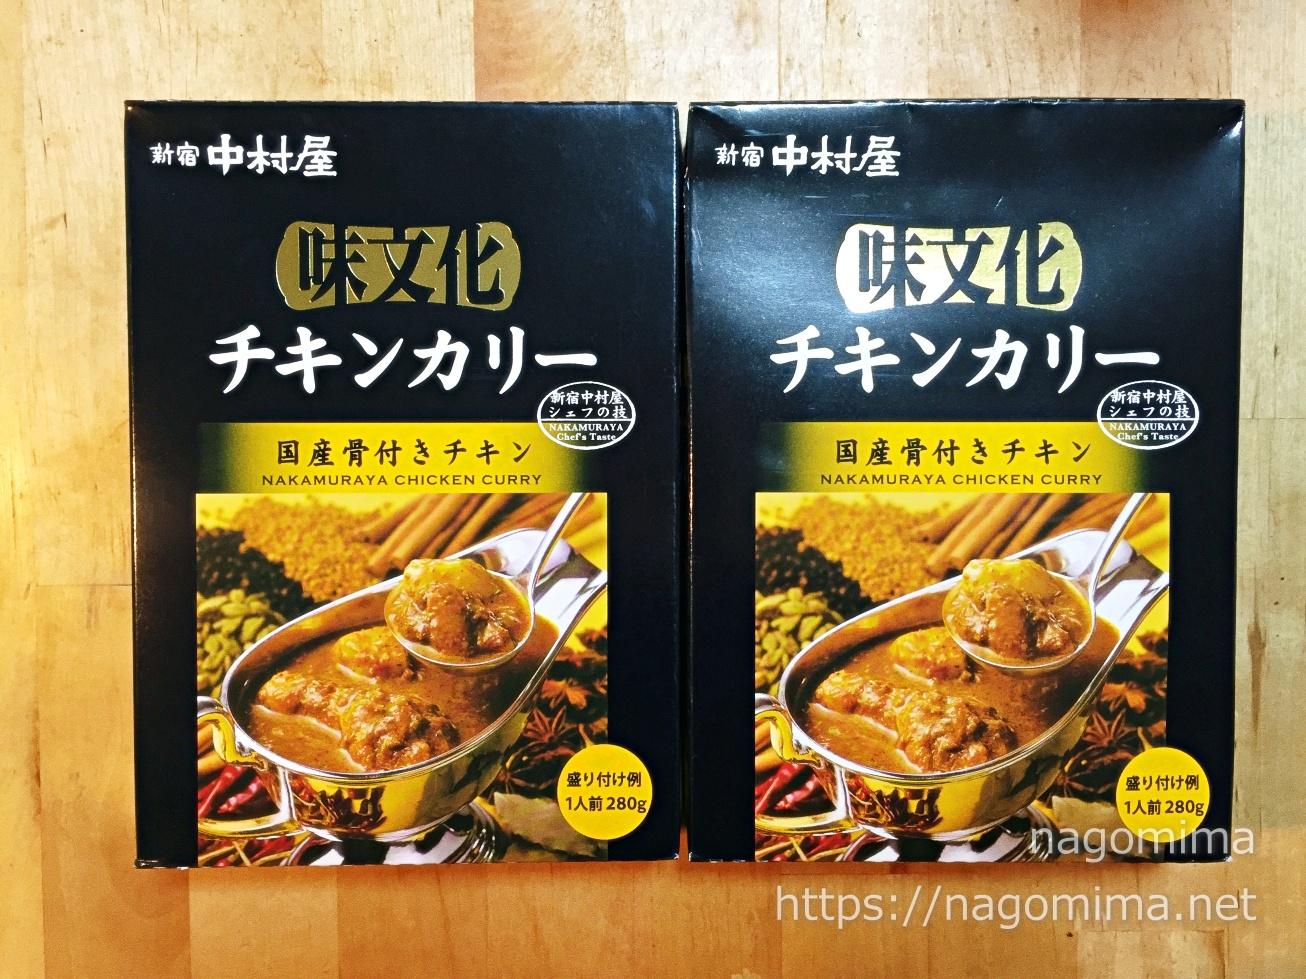 新宿中村屋の高級レトルトカレー「味文化チキンカリー」食べてみた